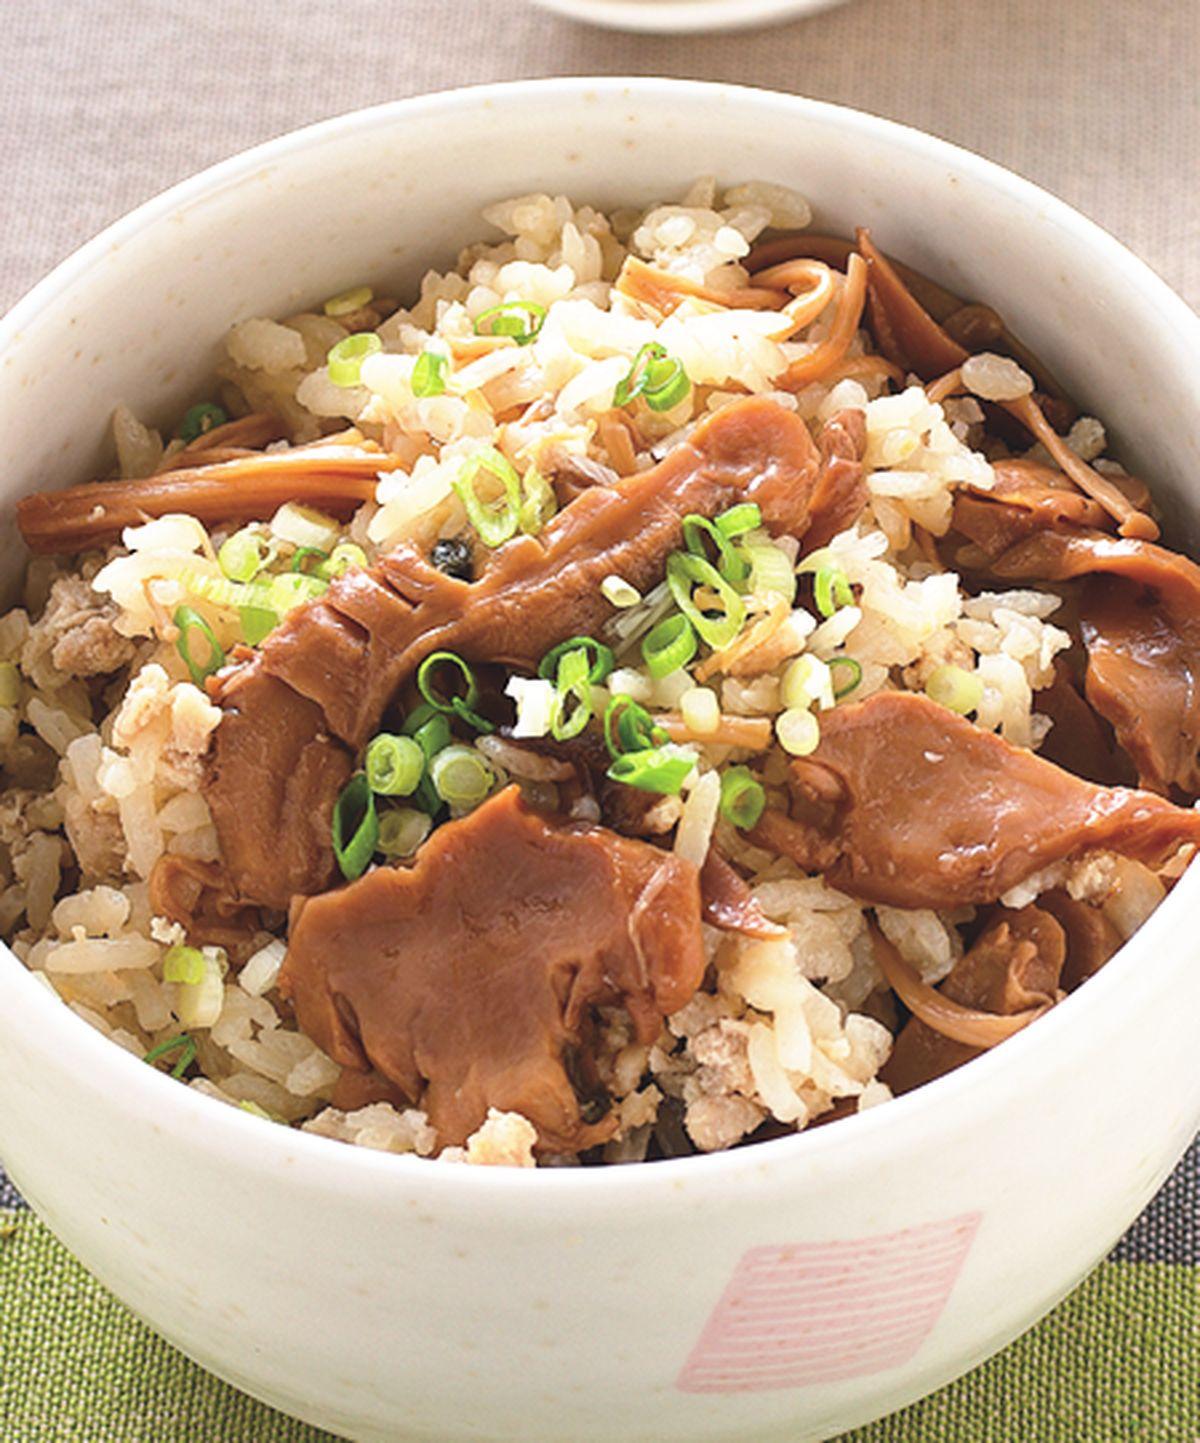 胡瓜鱼的做法_珍菇饭的做法-怎么做珍菇饭的制作方法详解